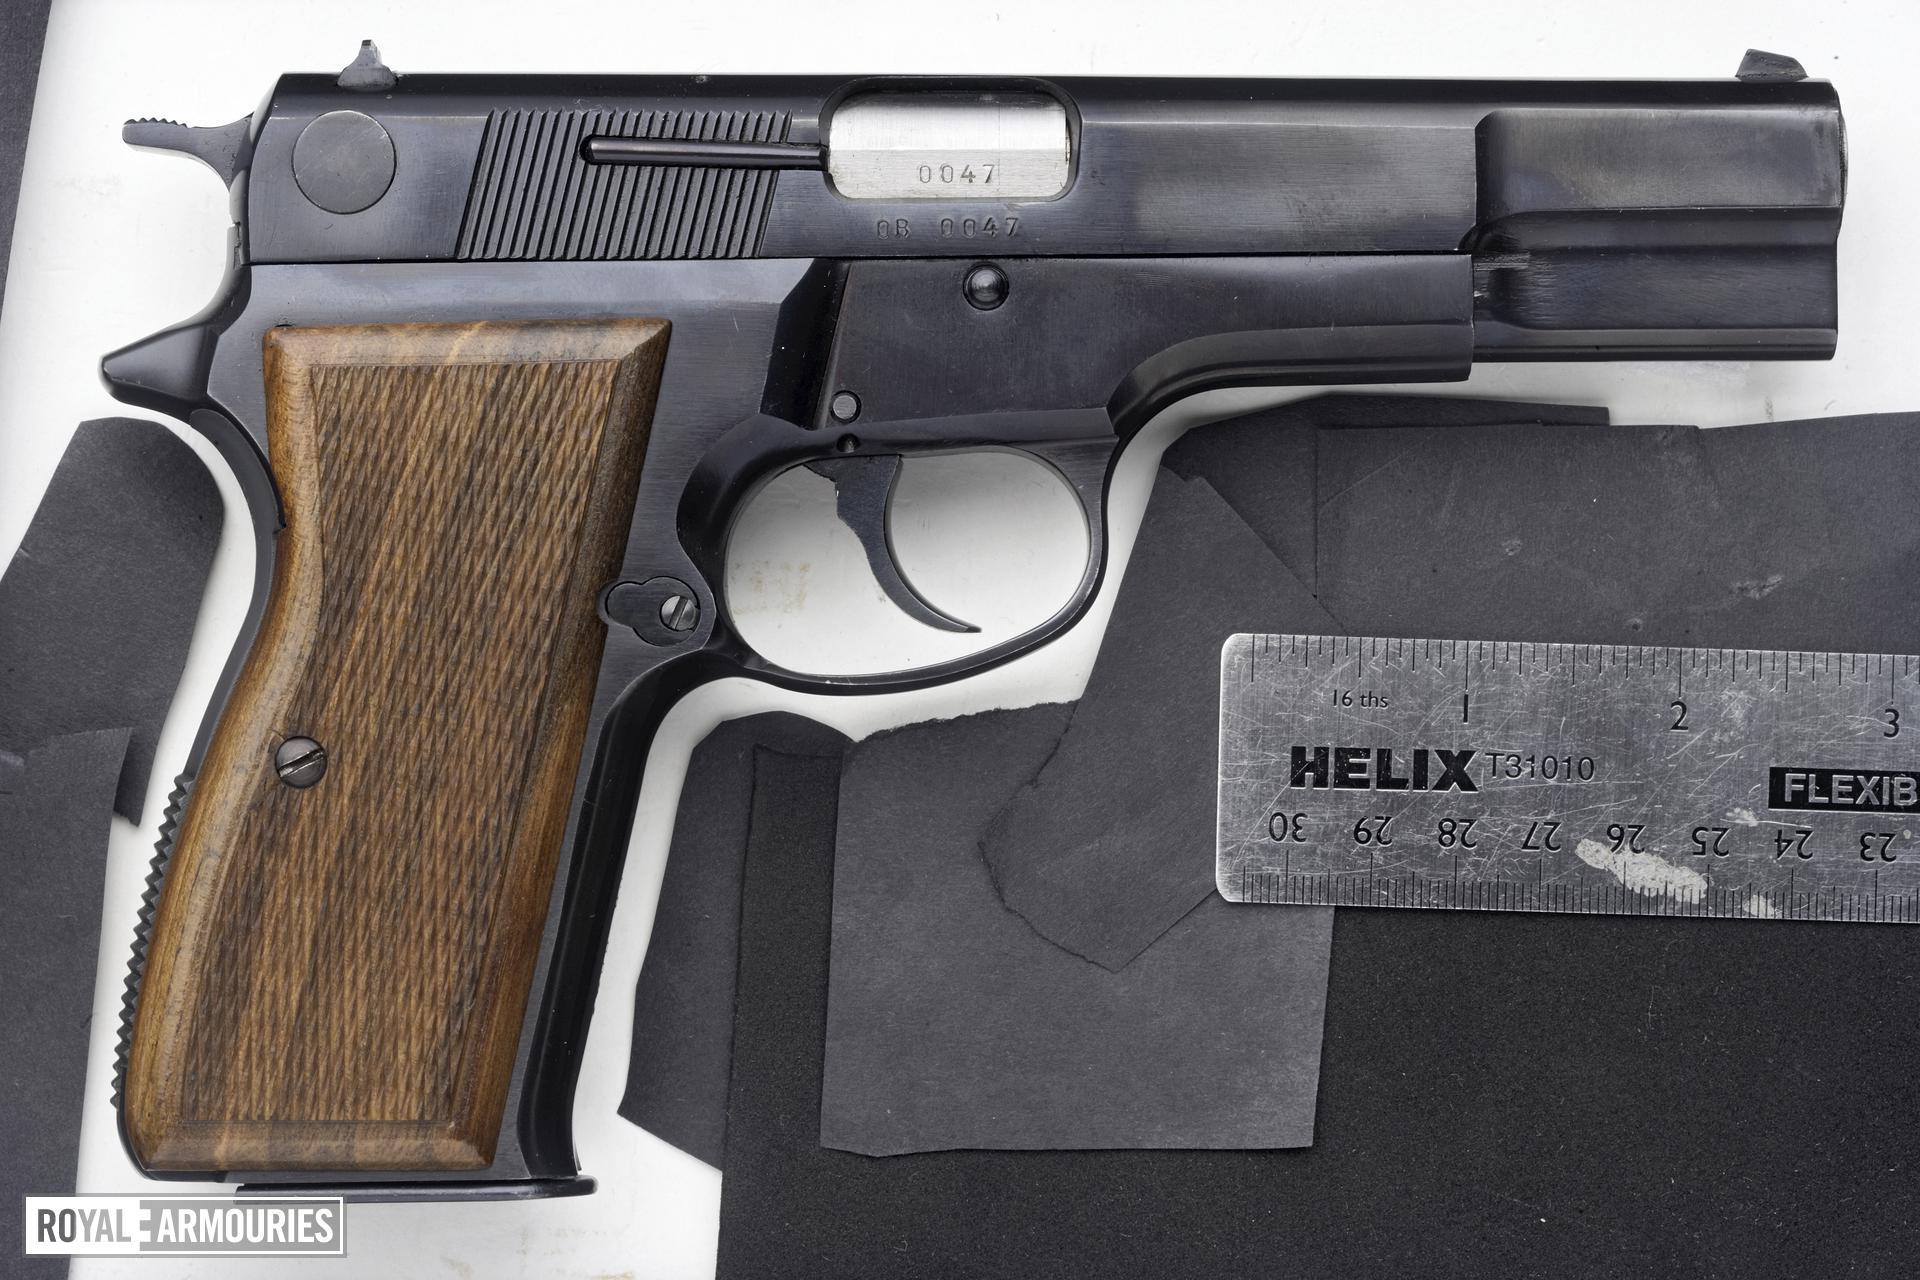 Centrefire self-loading pistol - Feg Model P9R